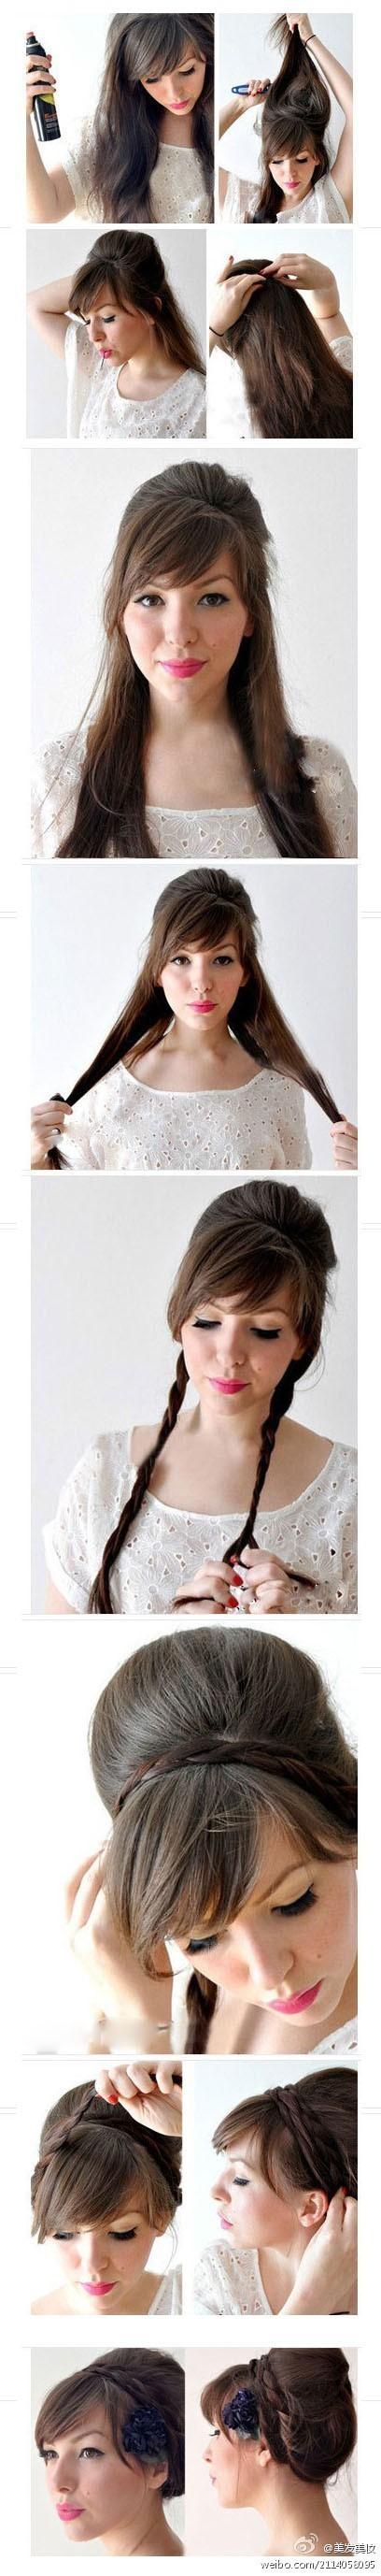 Как сделать себе прическу на средние волосы картинки